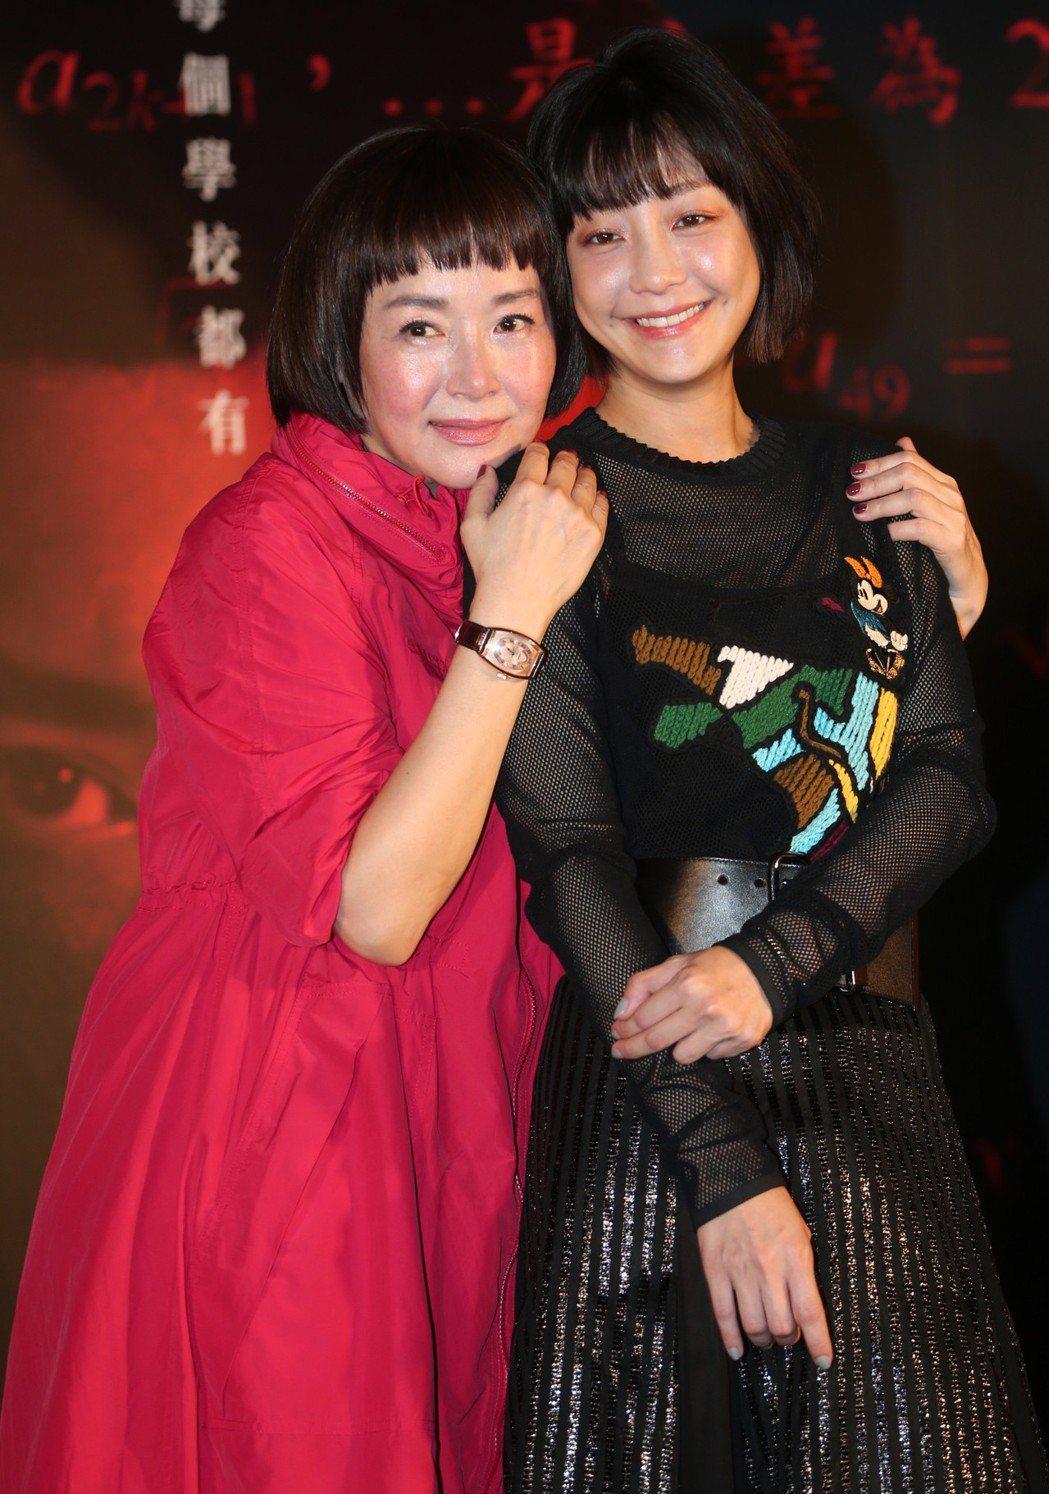 「藍色項圈」演員恬妞(左)與謝欣穎出席首映會。記者侯永全/攝影